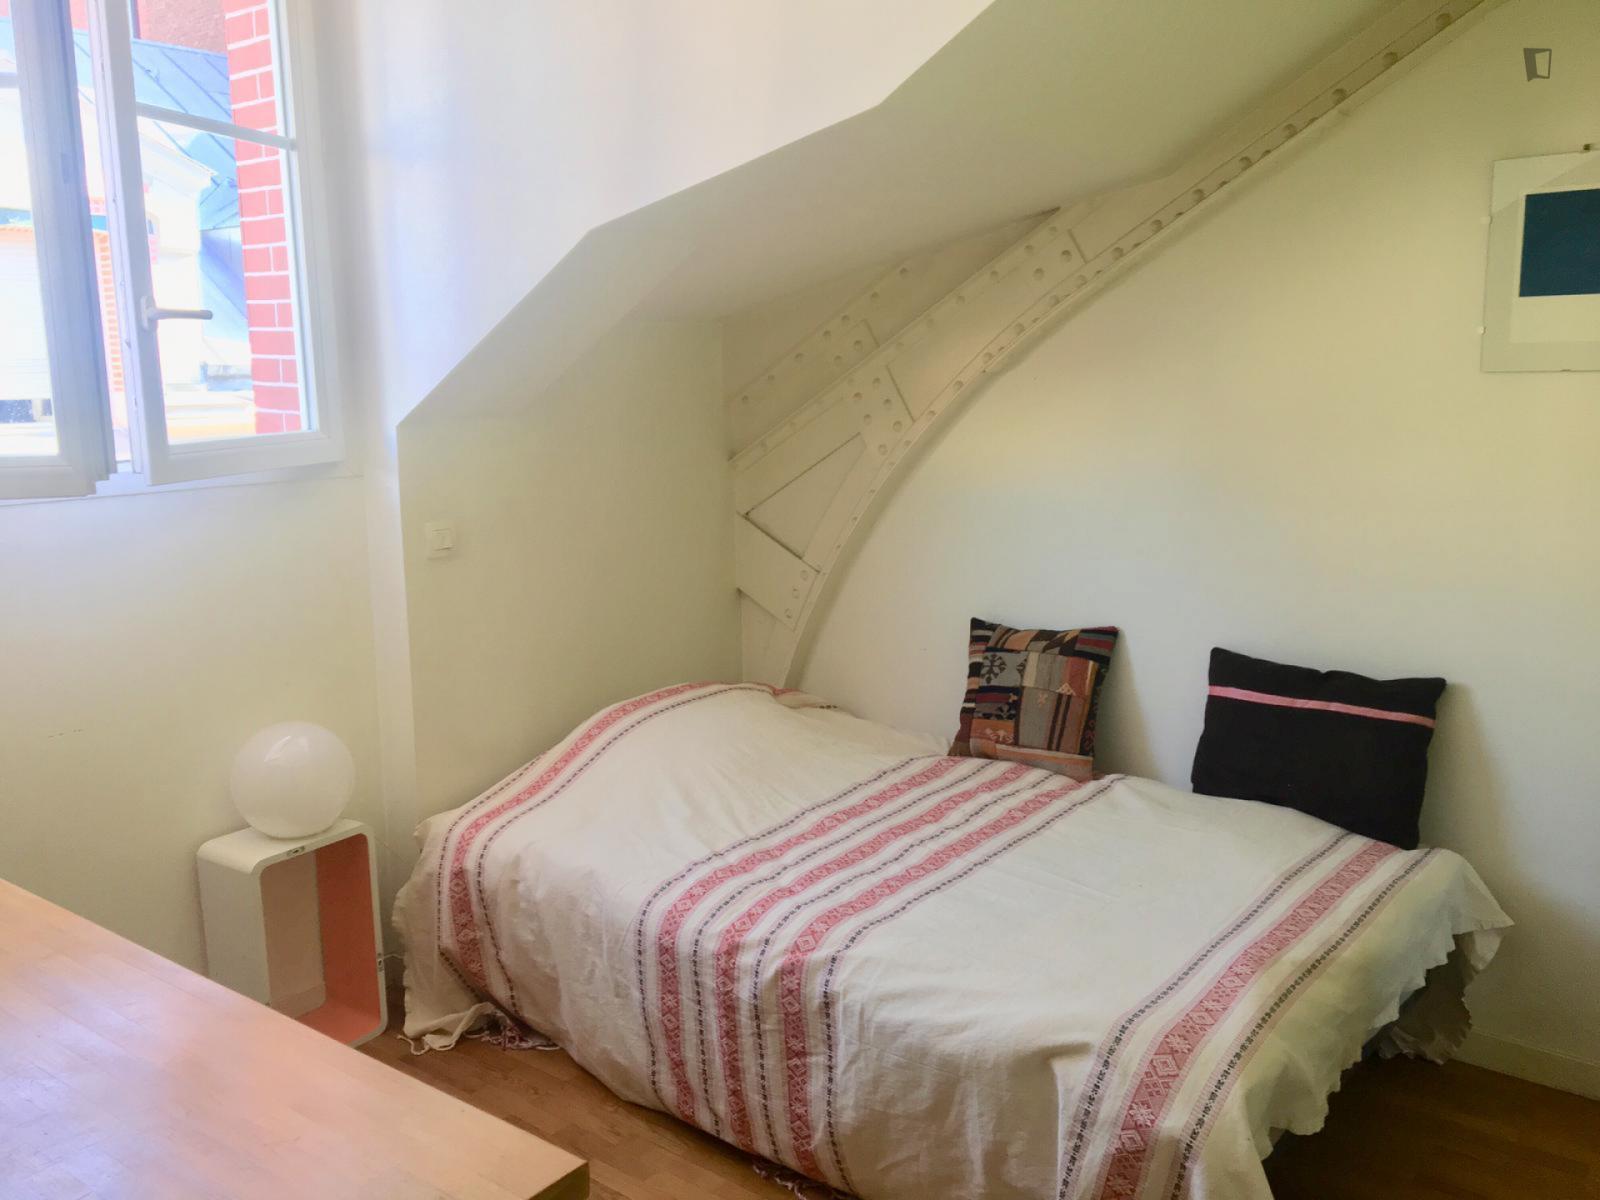 Villa Marcel Lods - 680EUR / month